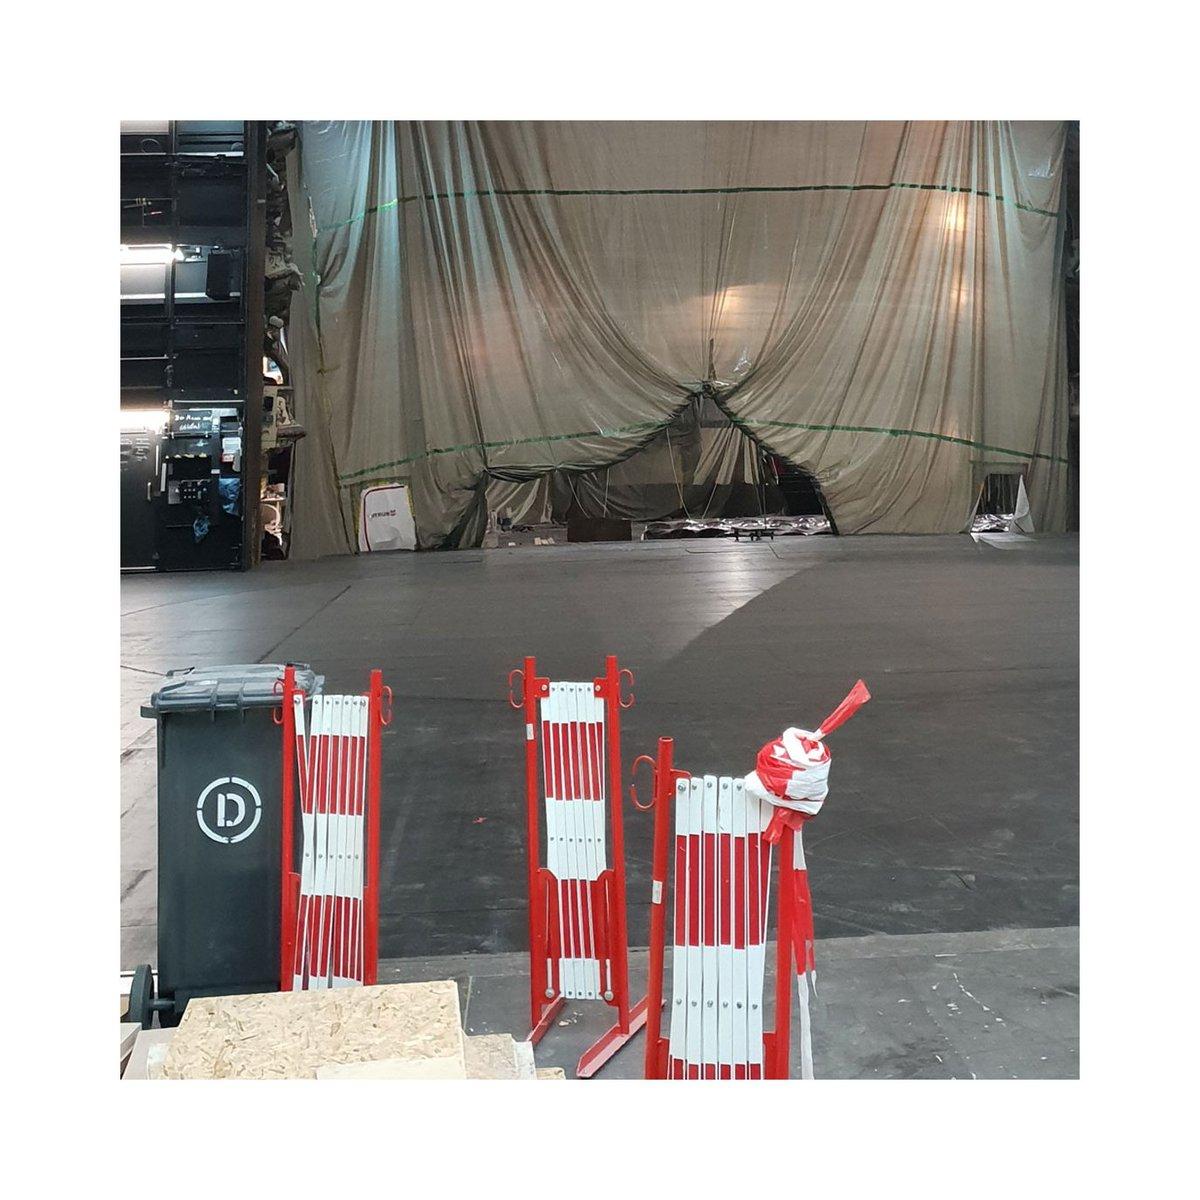 test Twitter Media - Die Rampe ist von der Bühne, der Kran aus dem Saal .... Läuft ganz gut bisher. Für mehr Baustelle schaut doch mal bei Instagram 🙂 @schauspielhaushamburg #unserlebenisteinebaustelle #aufbrucharbeiten #schauspielhaushaushamburg #hamburg https://t.co/1OHqeFsgtQ